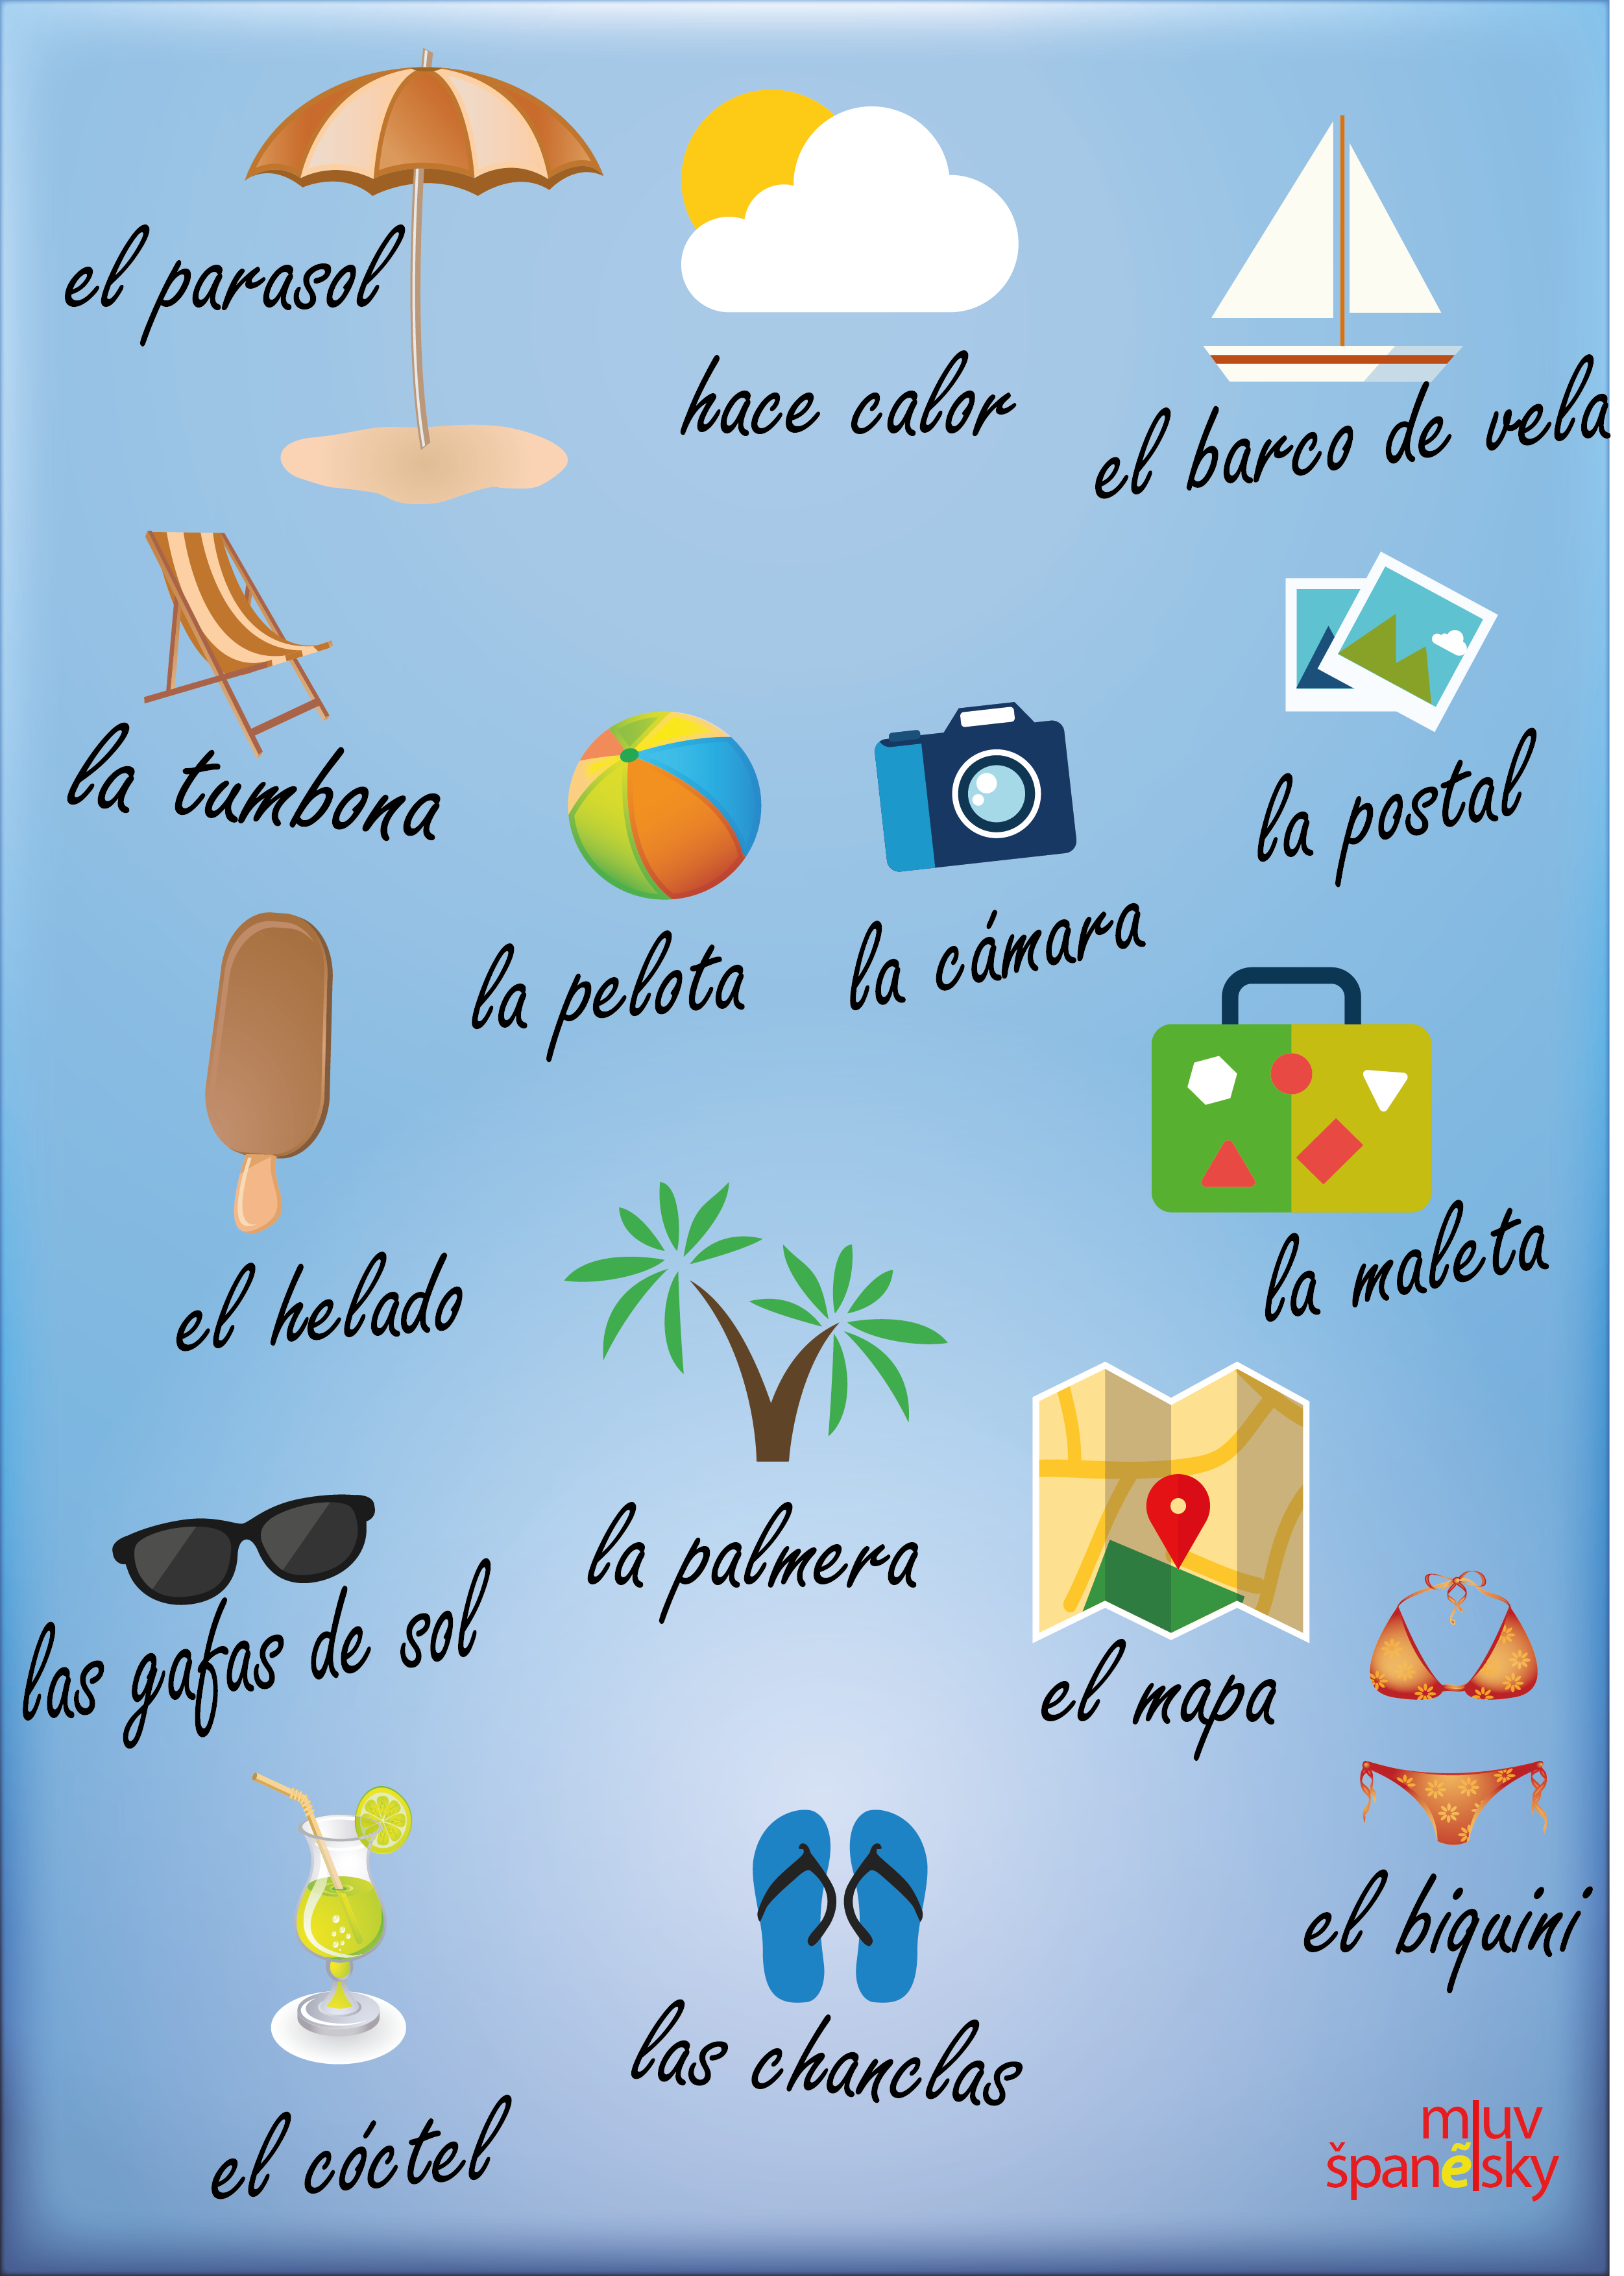 Slovní zásoba ve španělštině týkající se léta